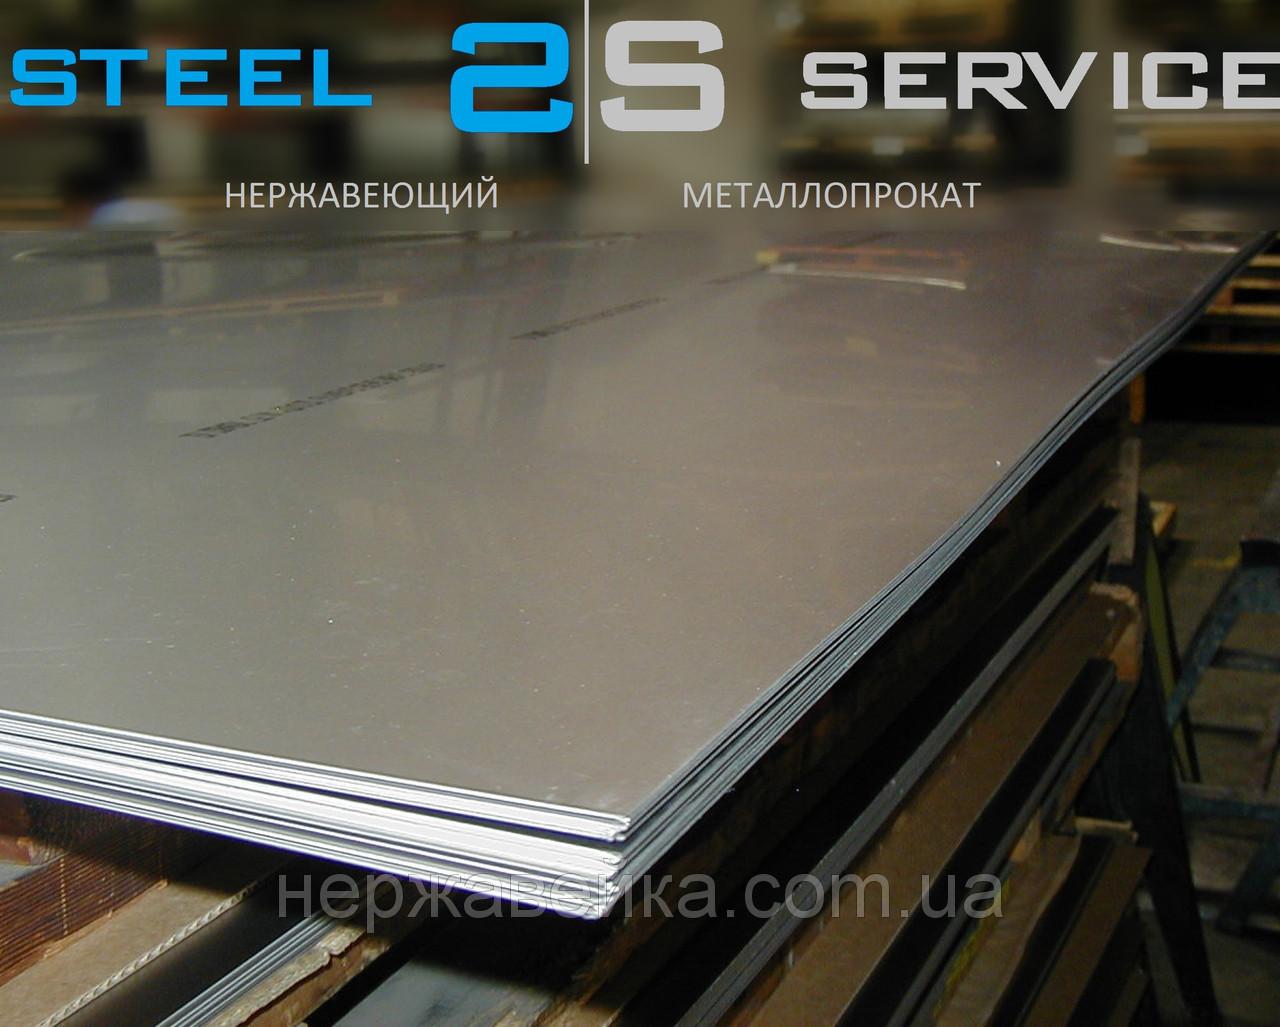 Нержавейка лист 16х1500х6000мм  AISI 309(20Х23Н13, 20Х20Н14С2) F1 - горячекатанный,  жаропрочный